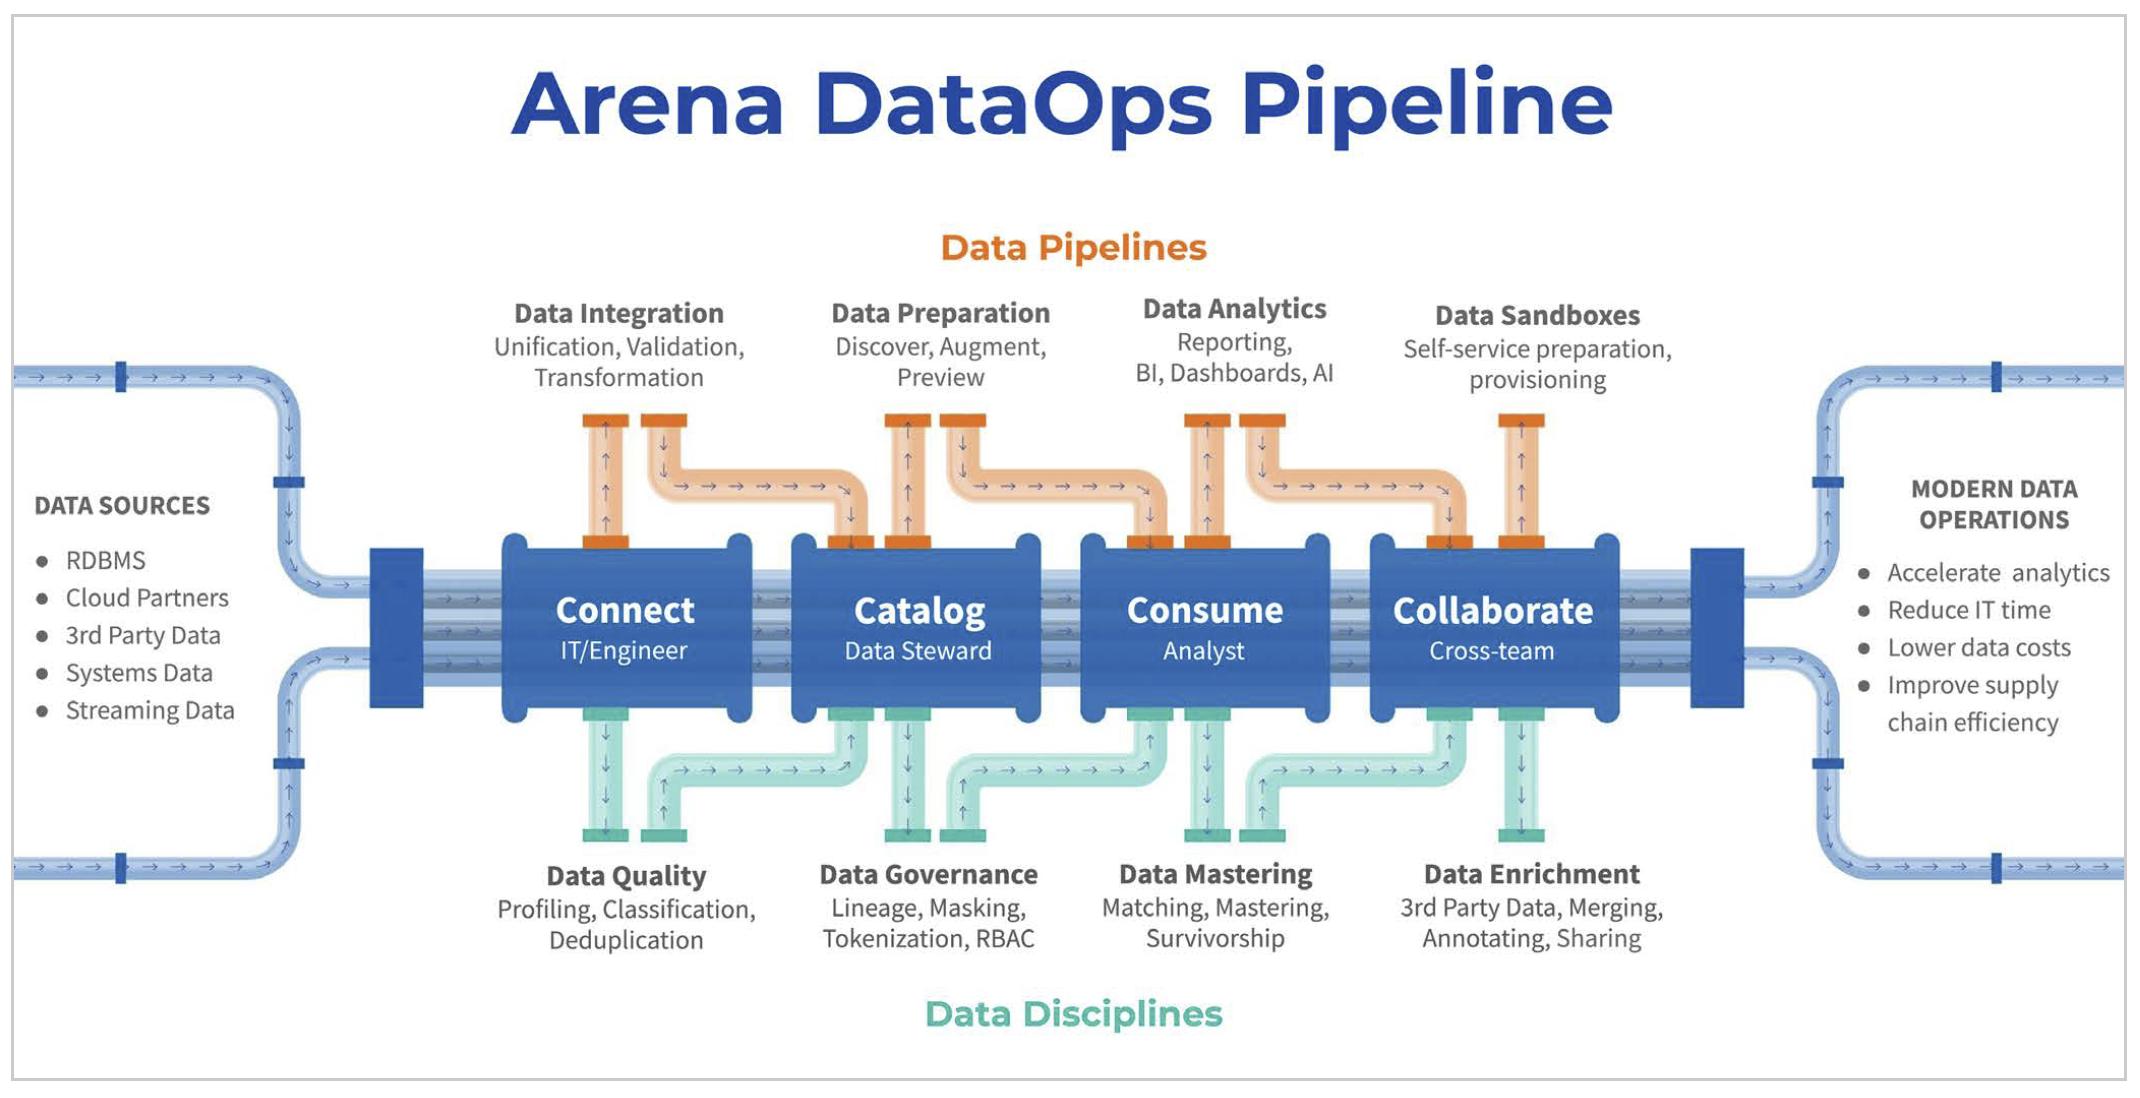 Arena DataOps Pipeline